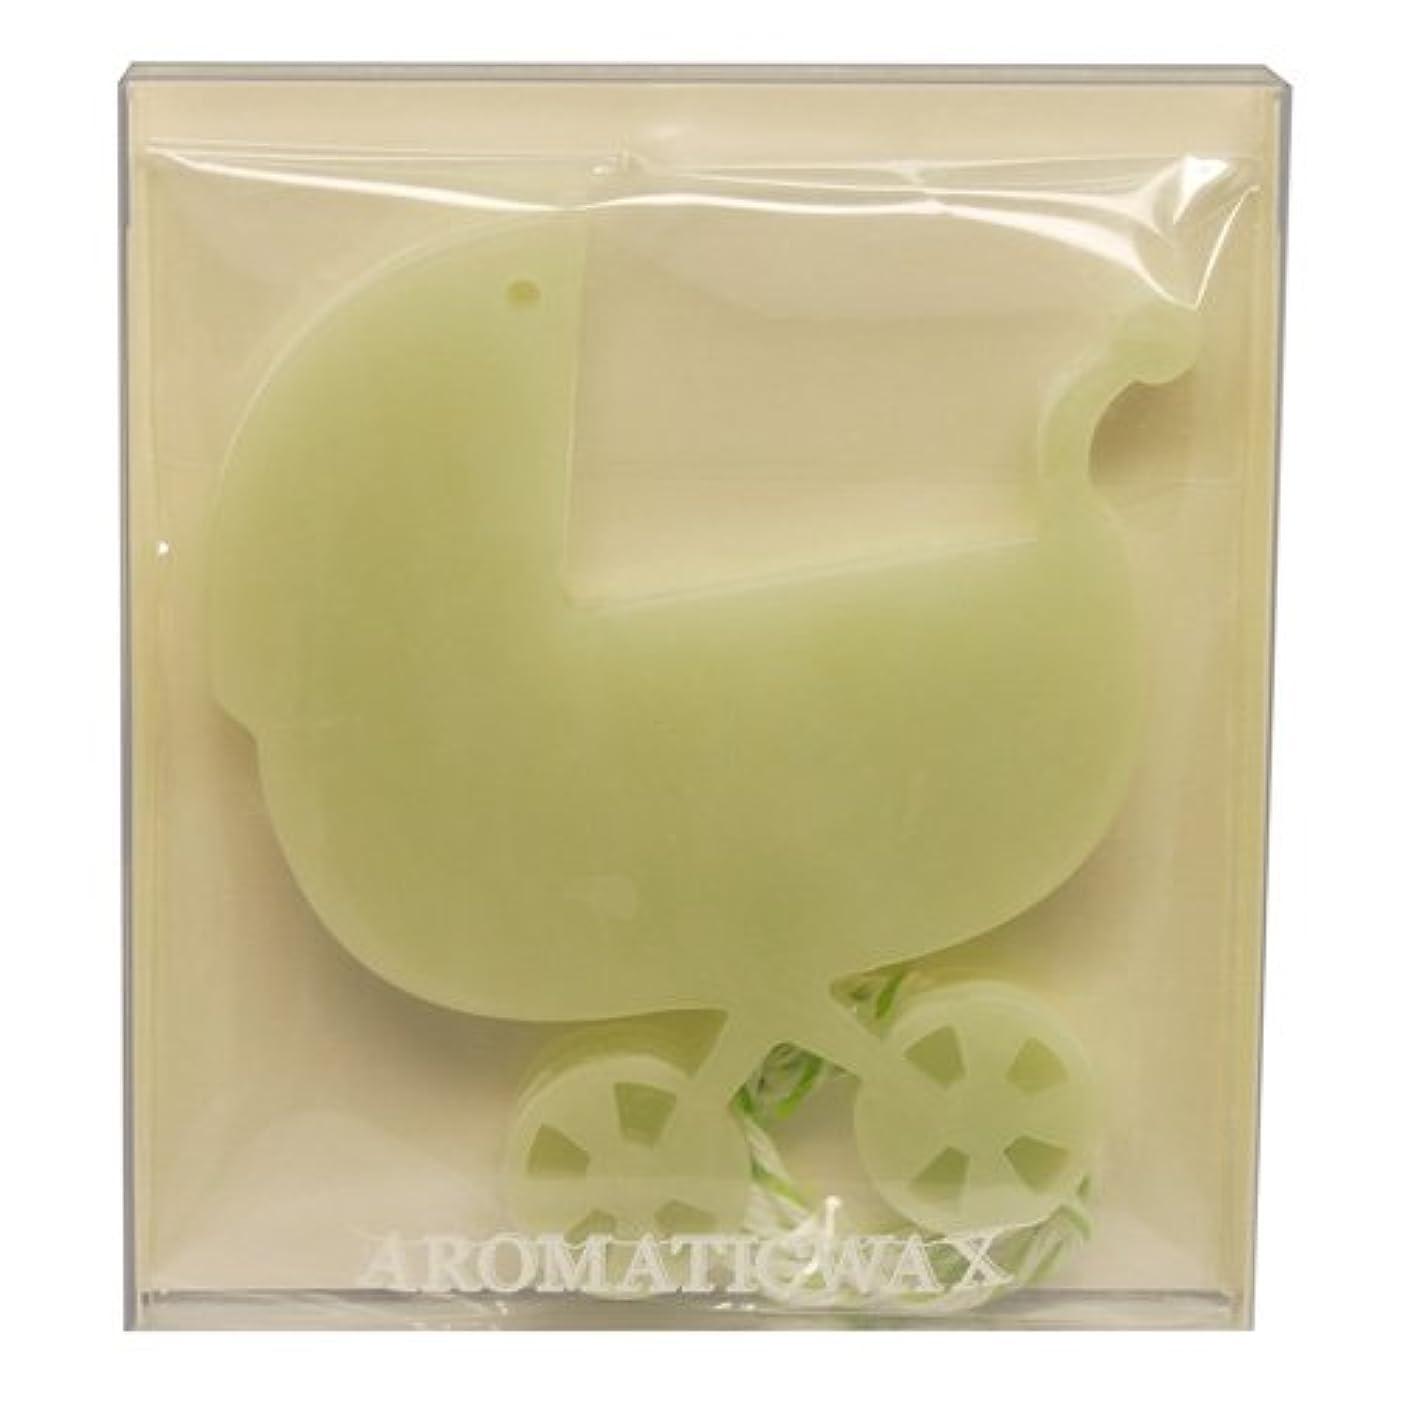 最初は宿題をする歯痛GRASSE TOKYO AROMATICWAXチャーム「乳母車」(GR) レモングラス アロマティックワックス グラーストウキョウ